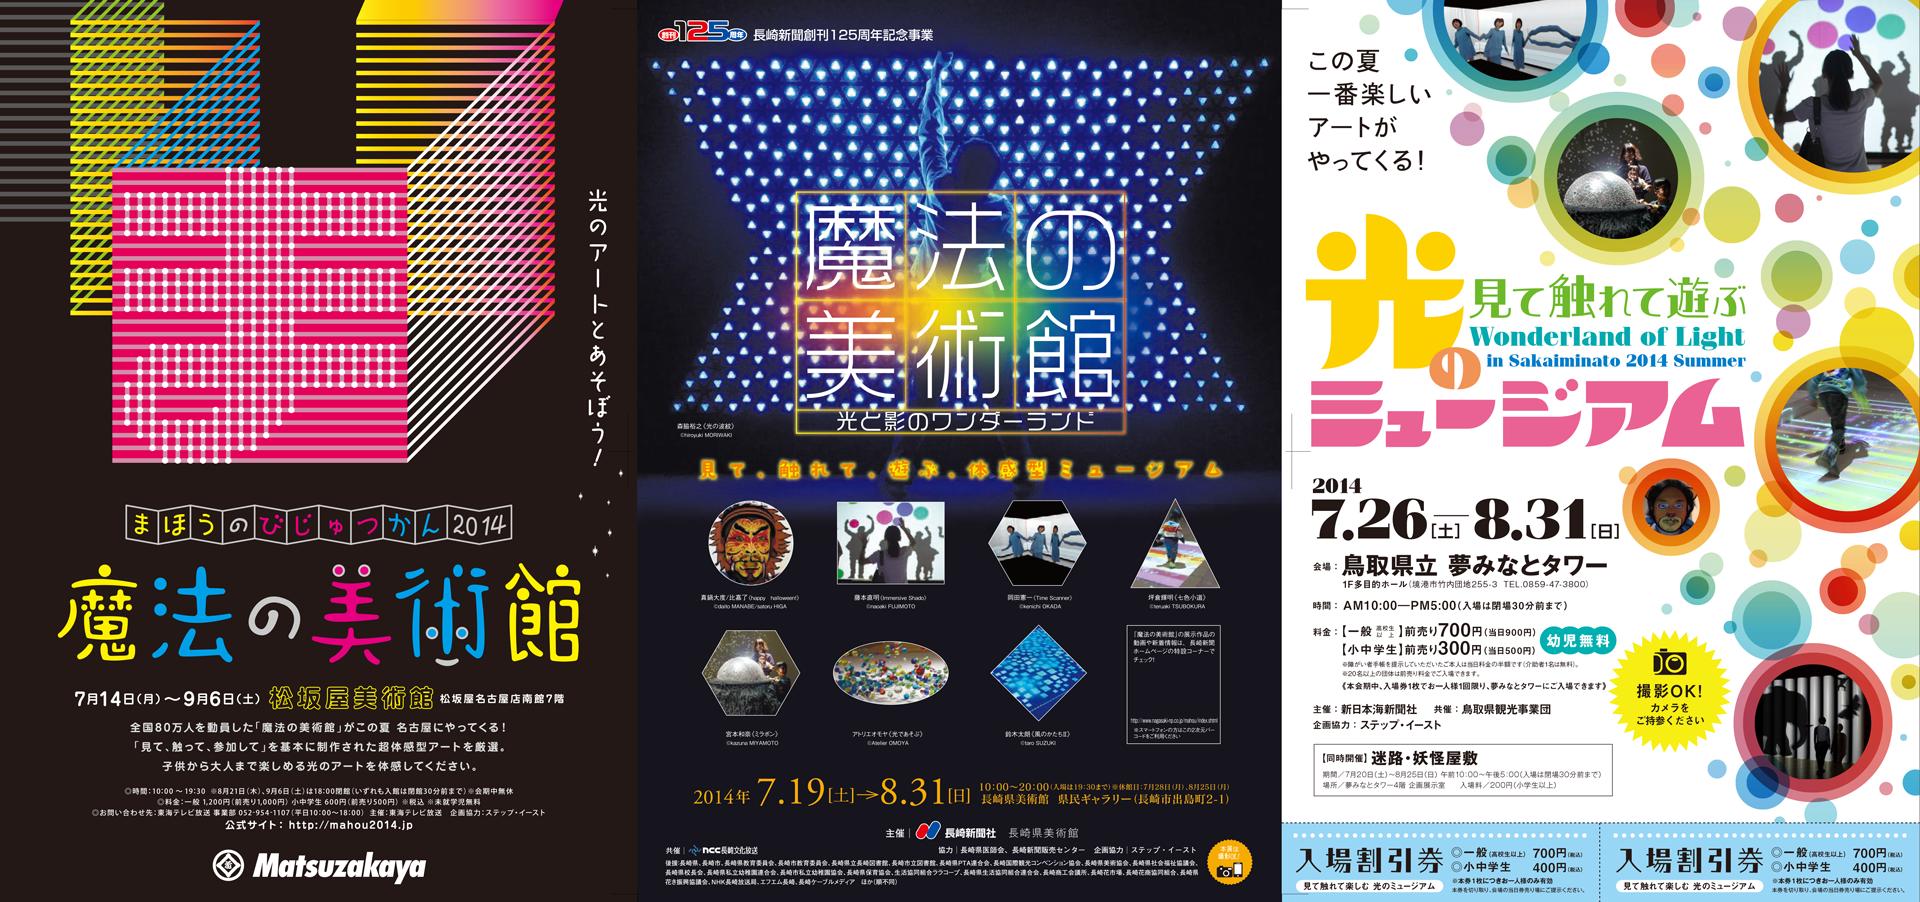 魔法の美術館2014で「七色小道」を展示します。